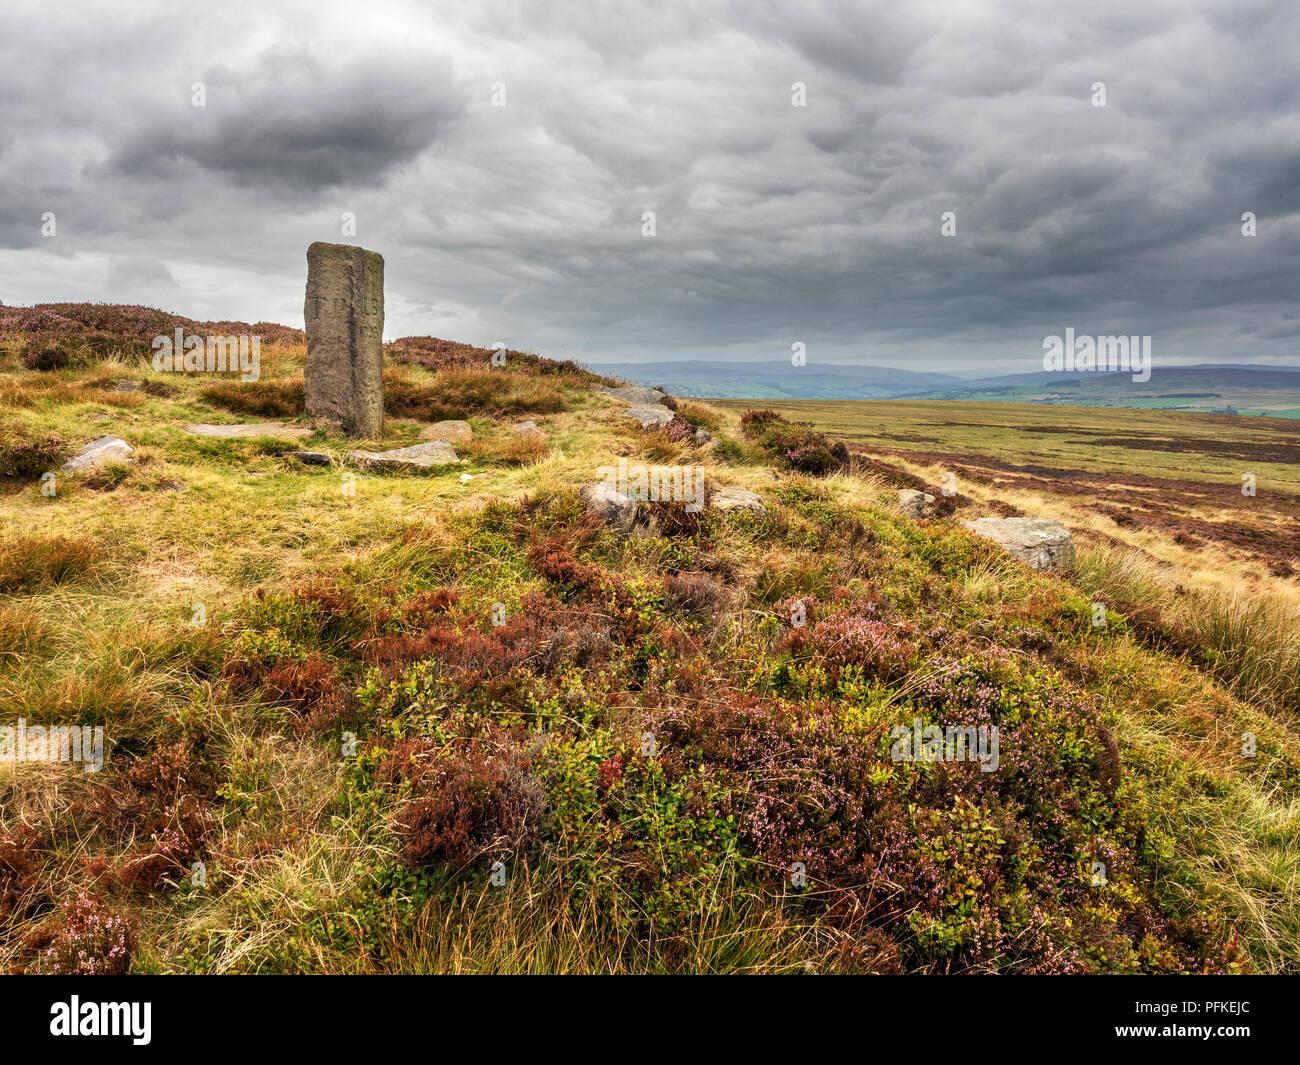 Lanshaw Lad boundary stone on Ilkley Moor West Yorkshire England - Stock Image